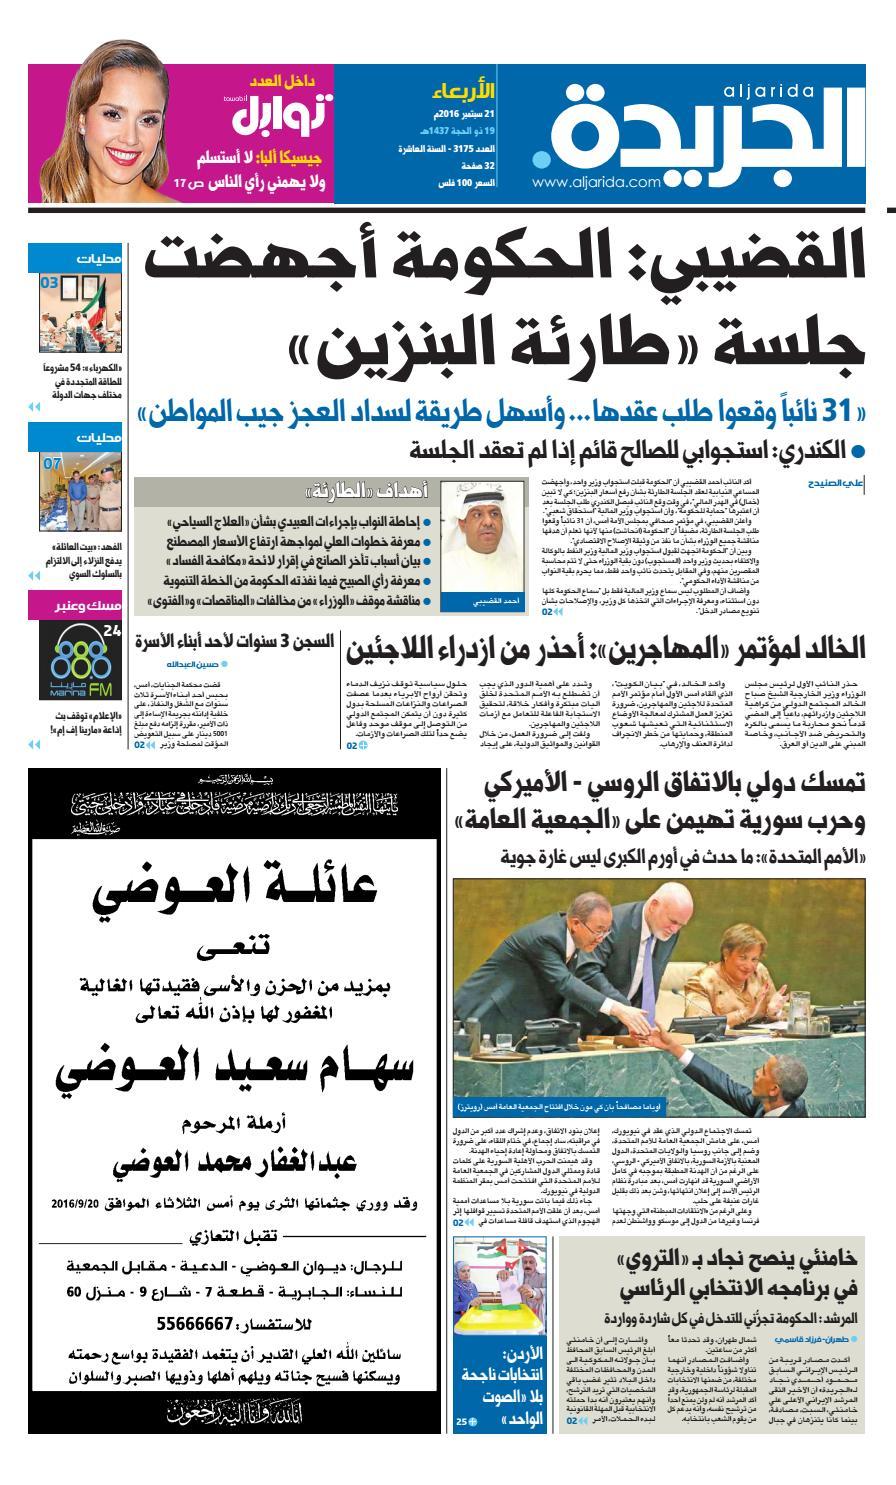 5bdc190d303f4 2016 عدد الجريدة 21 سبتمبر by Aljarida Newspaper - issuu